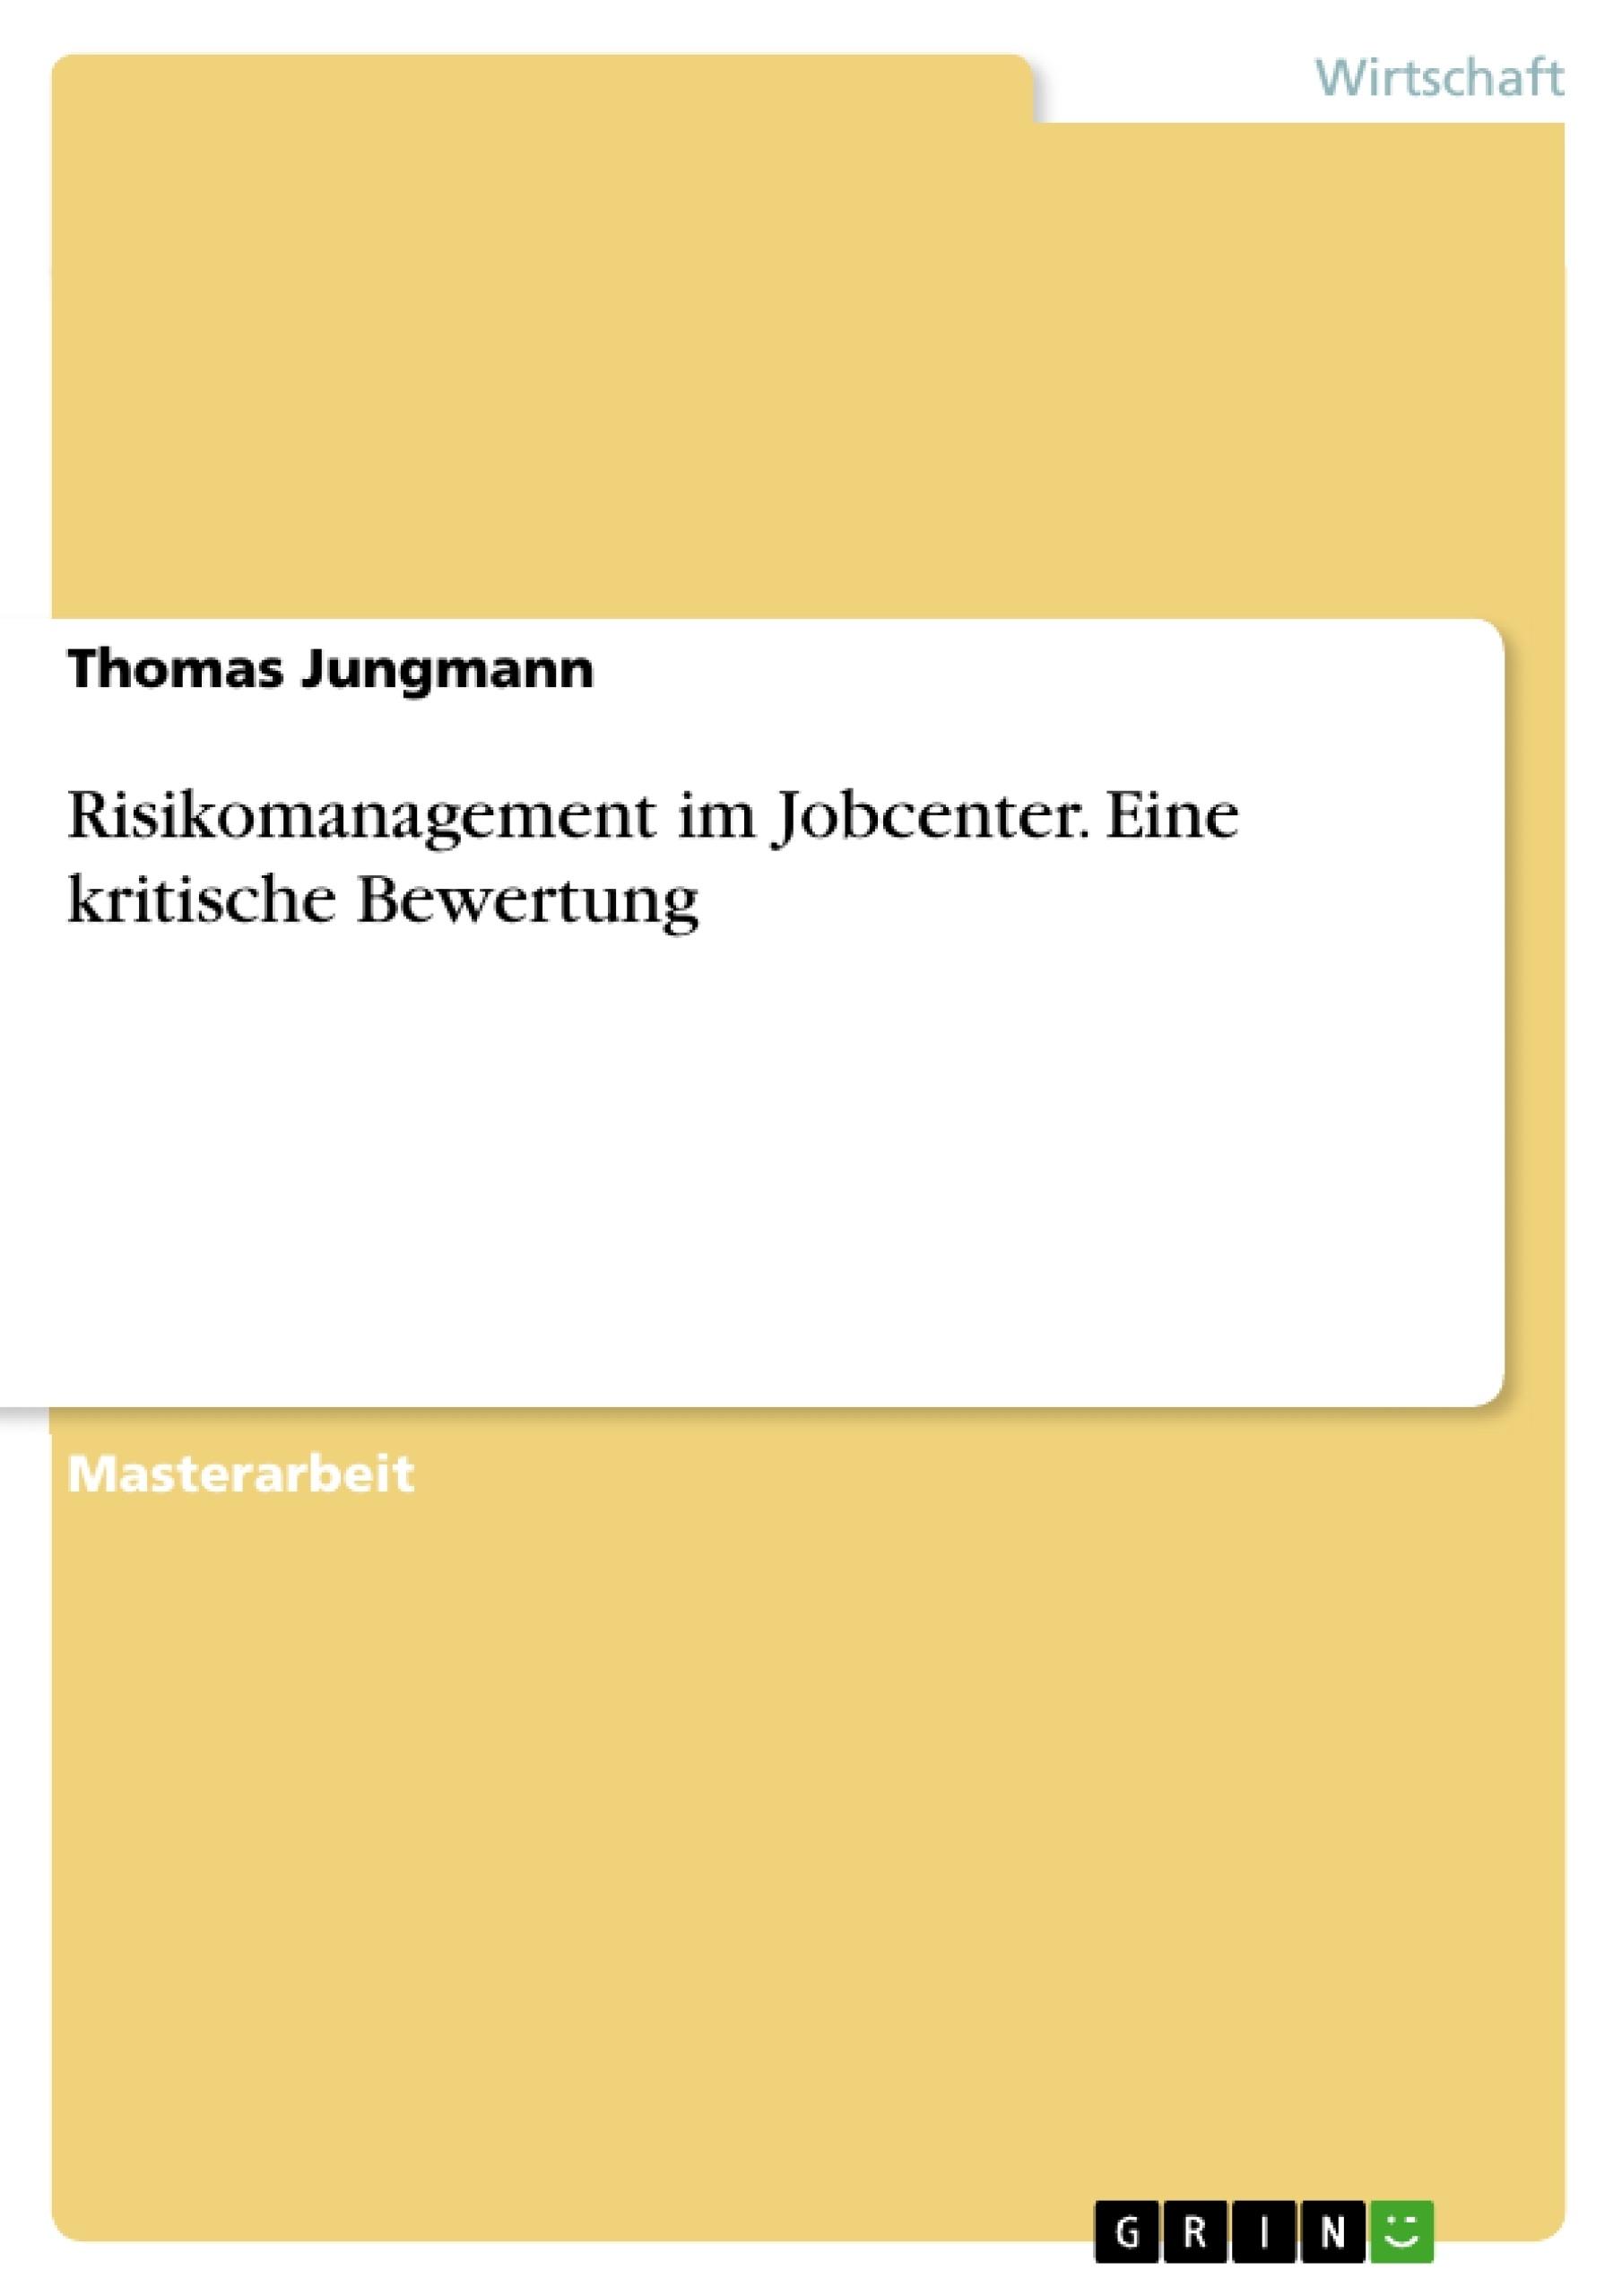 Titel: Risikomanagement im Jobcenter. Eine kritische Bewertung